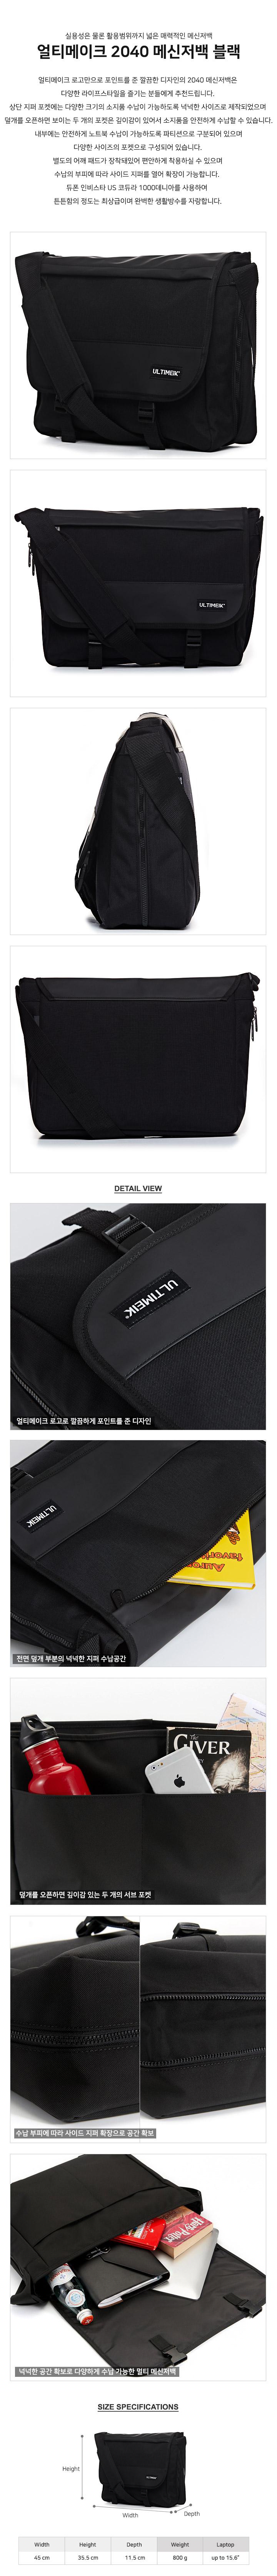 [얼티메이크] 2040 메신저백 / (UT) 크로스백